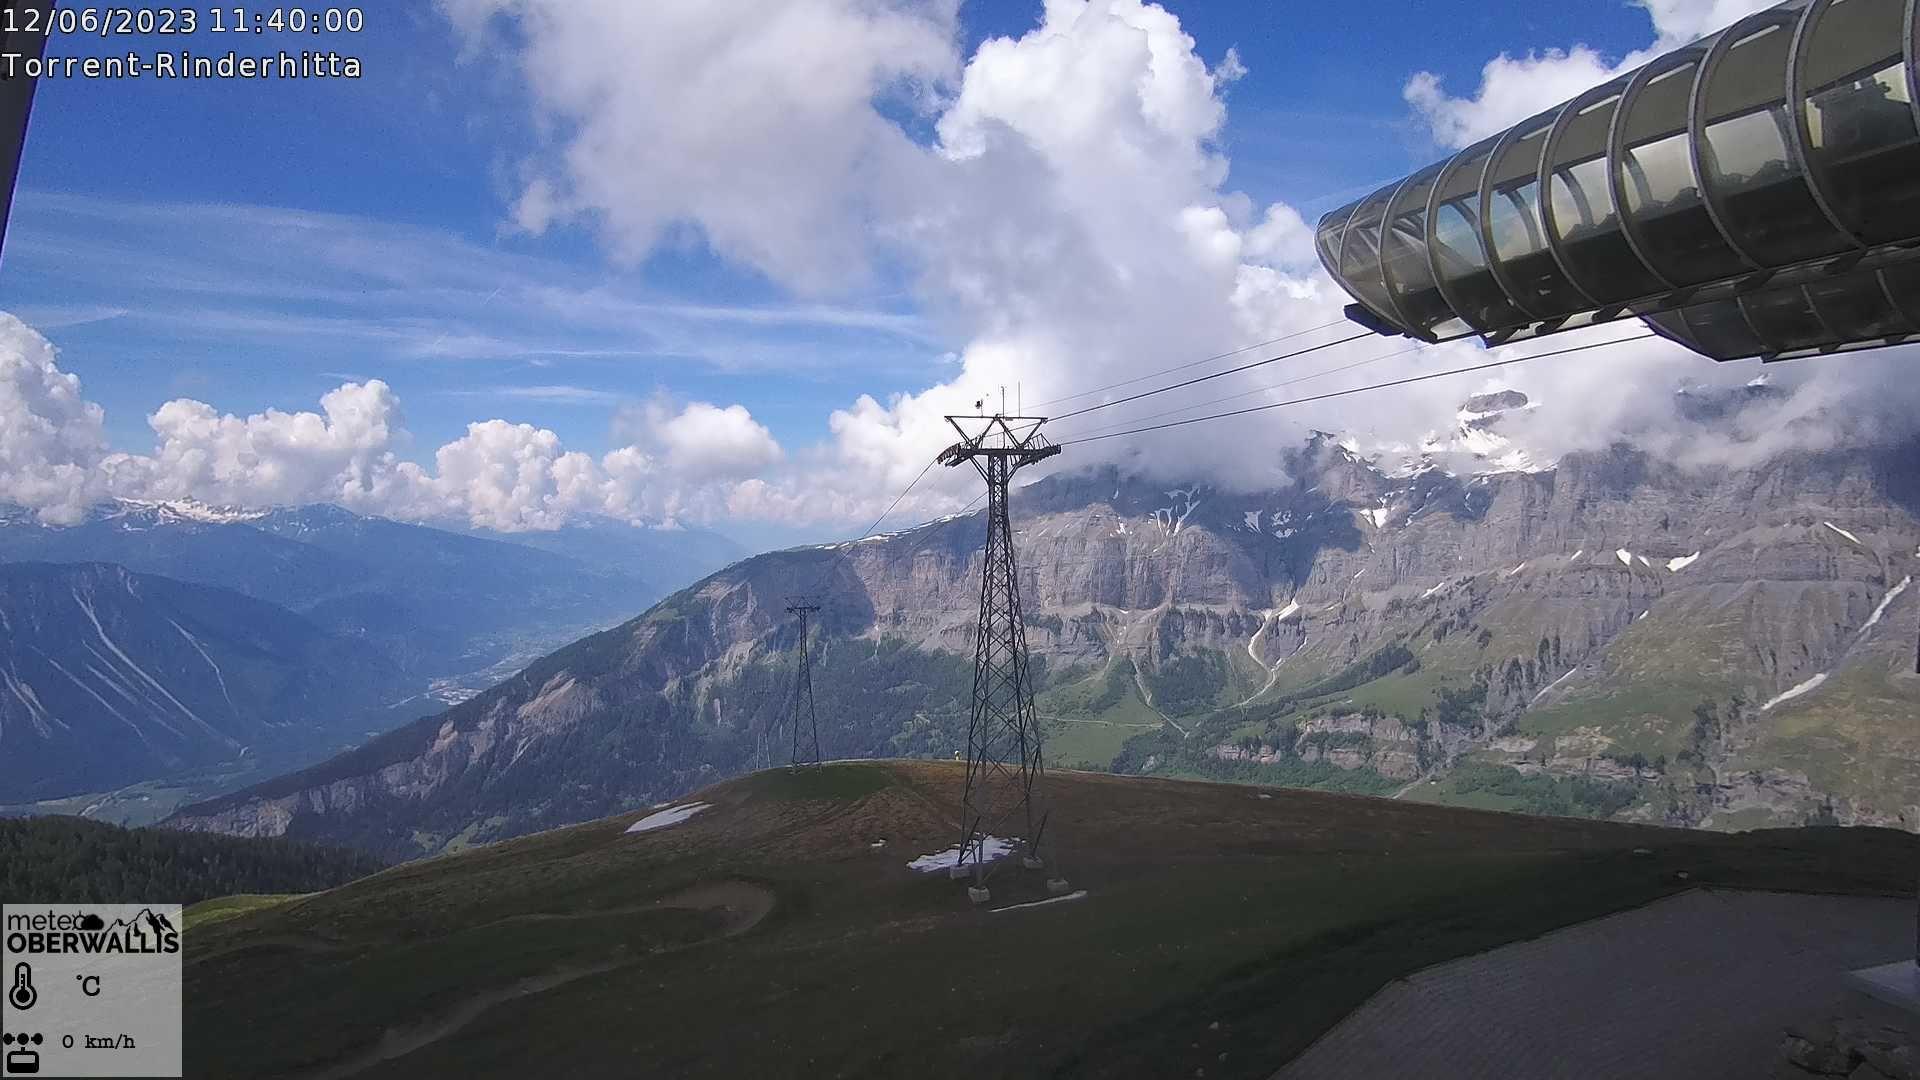 Webcam Torrent Rinderhütte